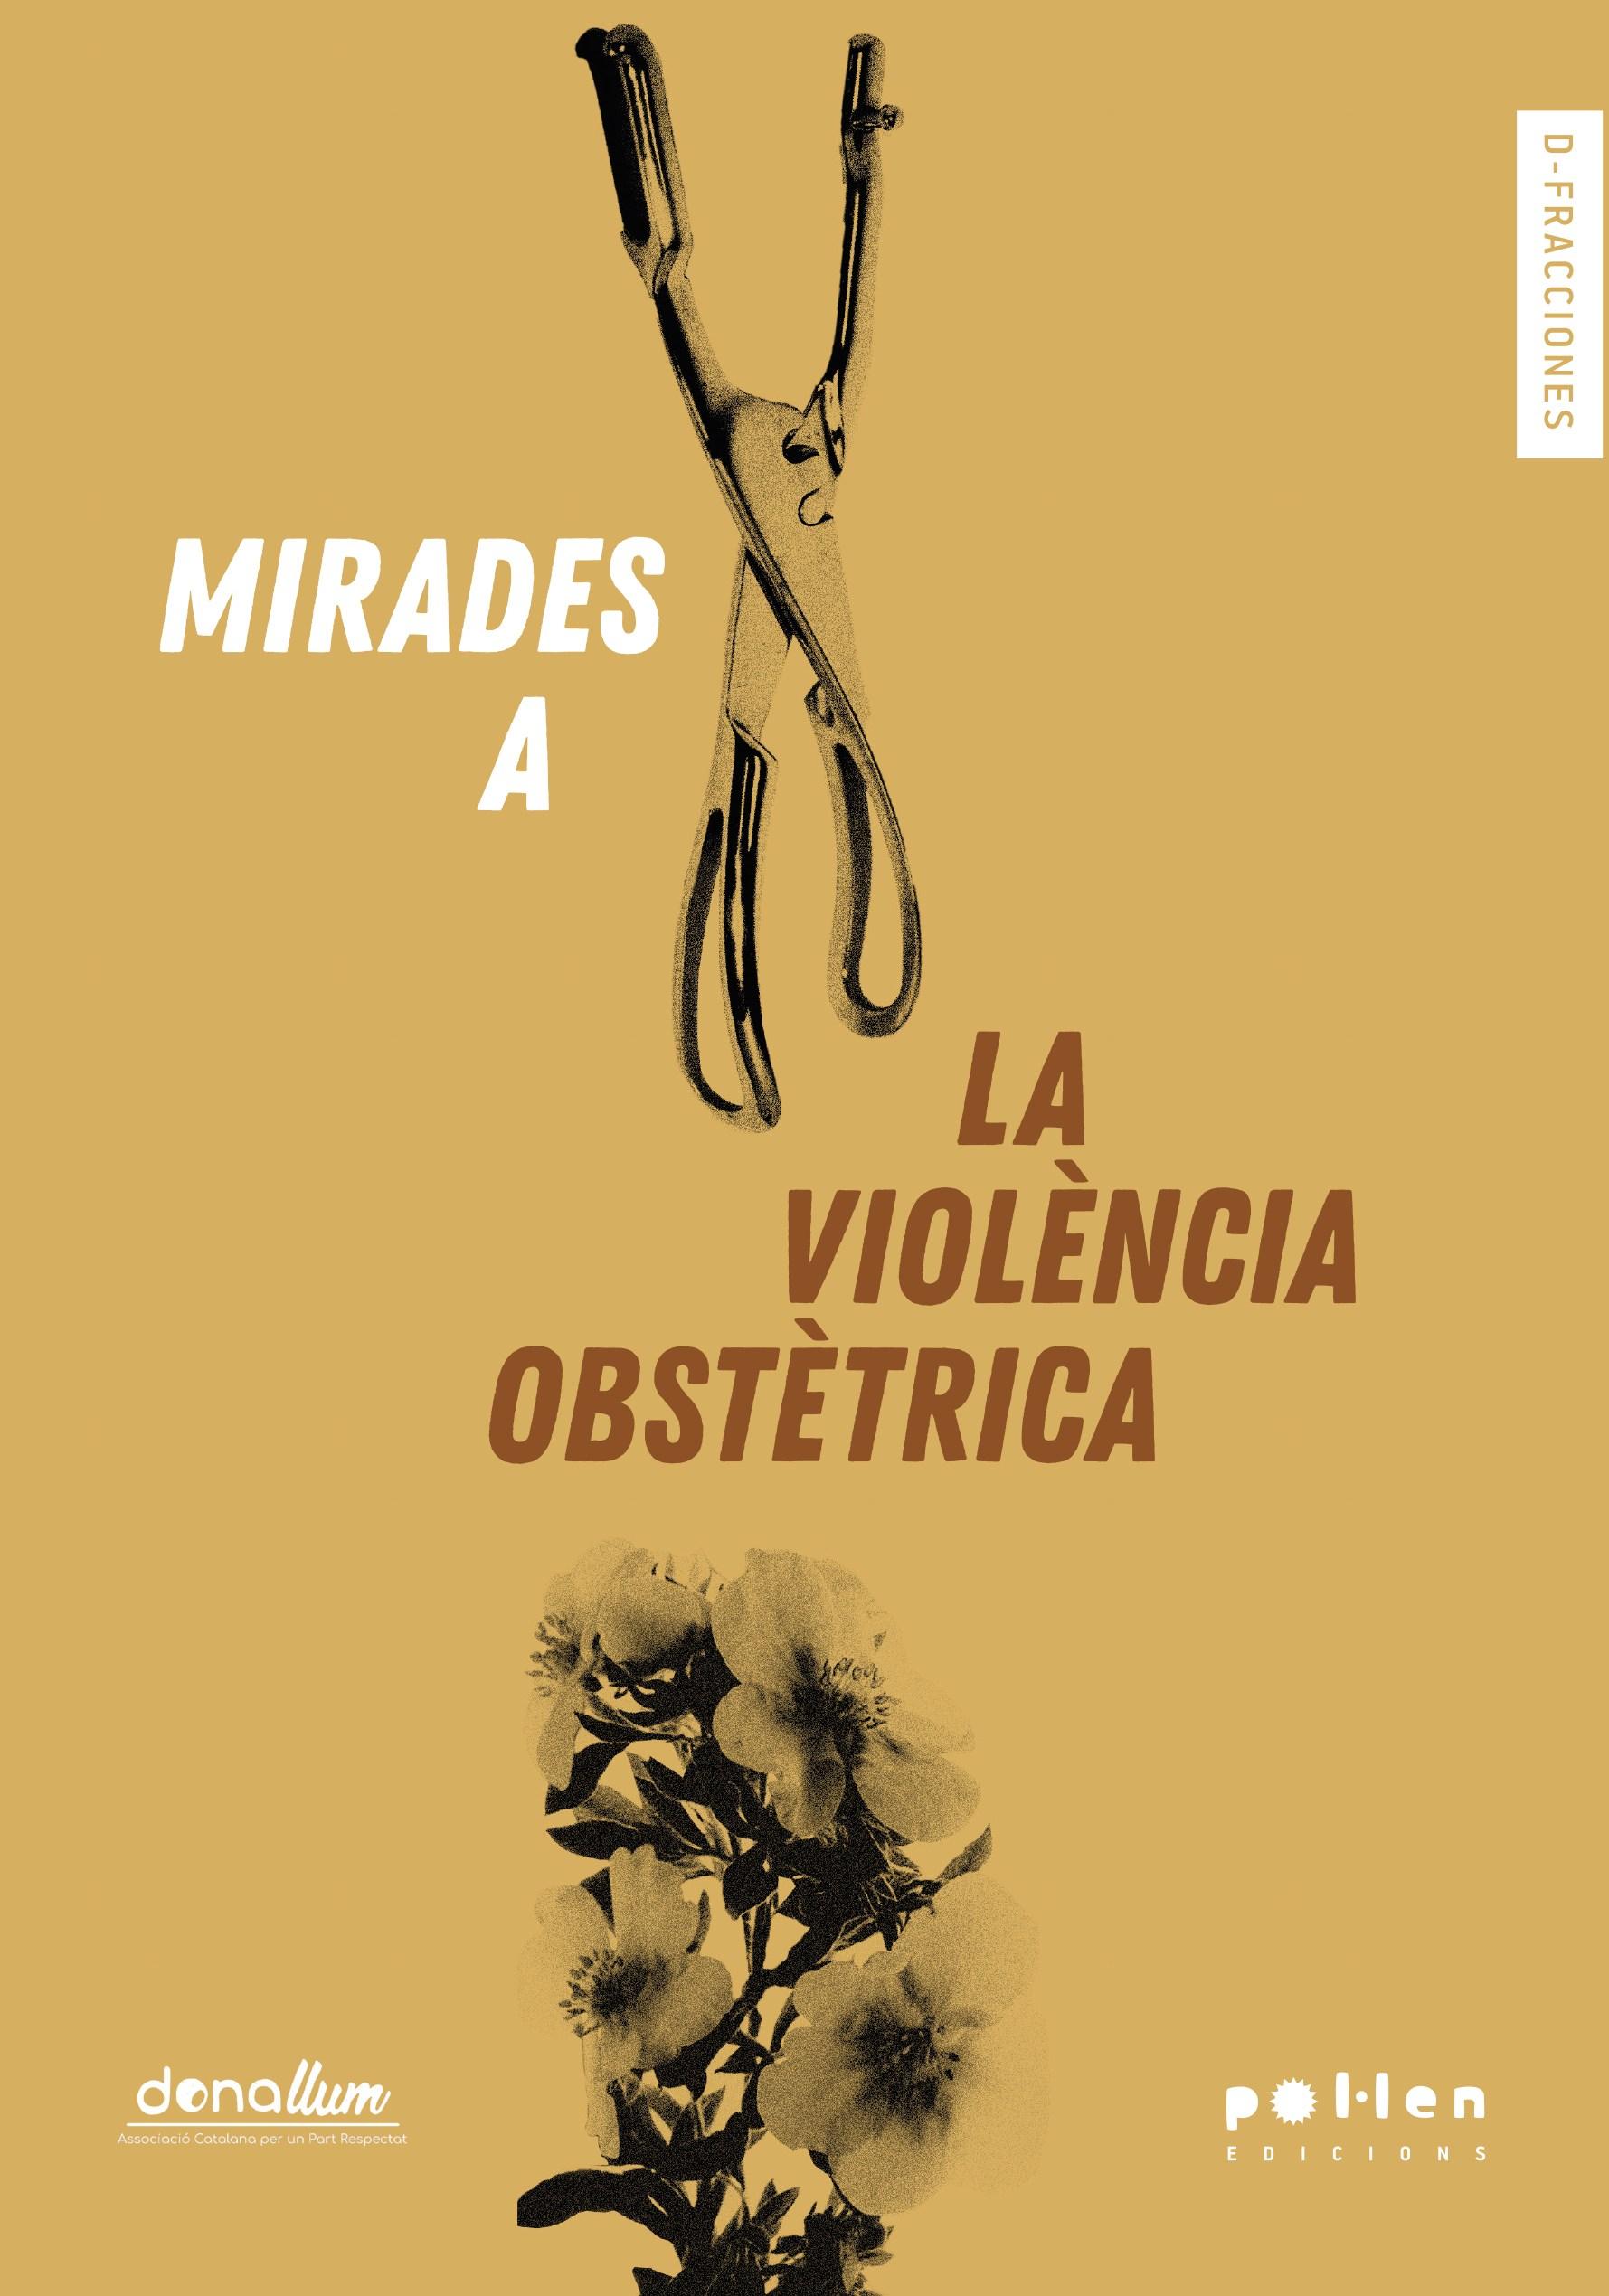 mirades-a-la-violencia-obstetrica-978-84-16828-61-6